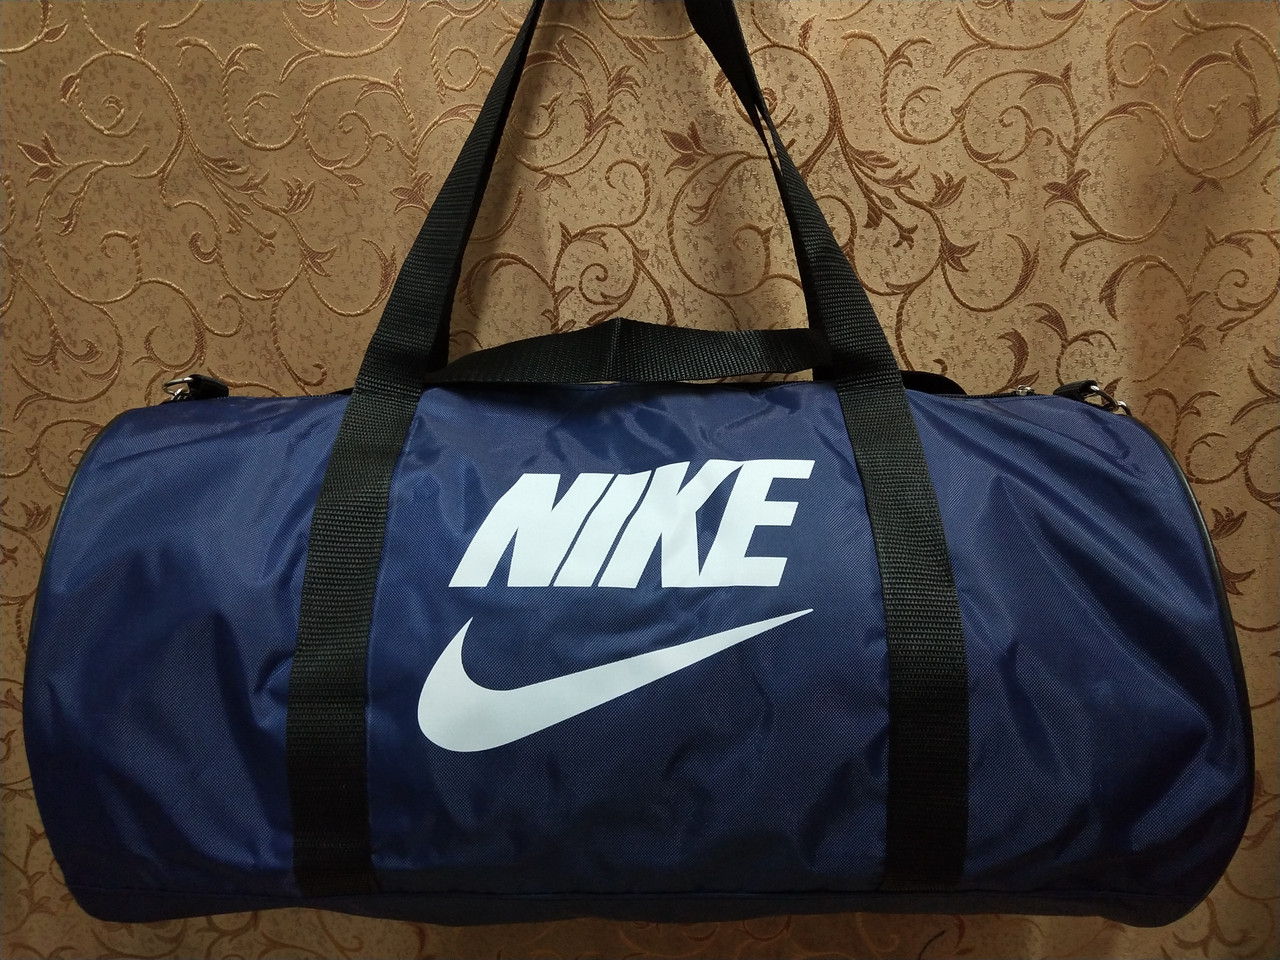 Спортивная сумка adidas только ОПТ/СПОРТ Спортивная дорожная сумка